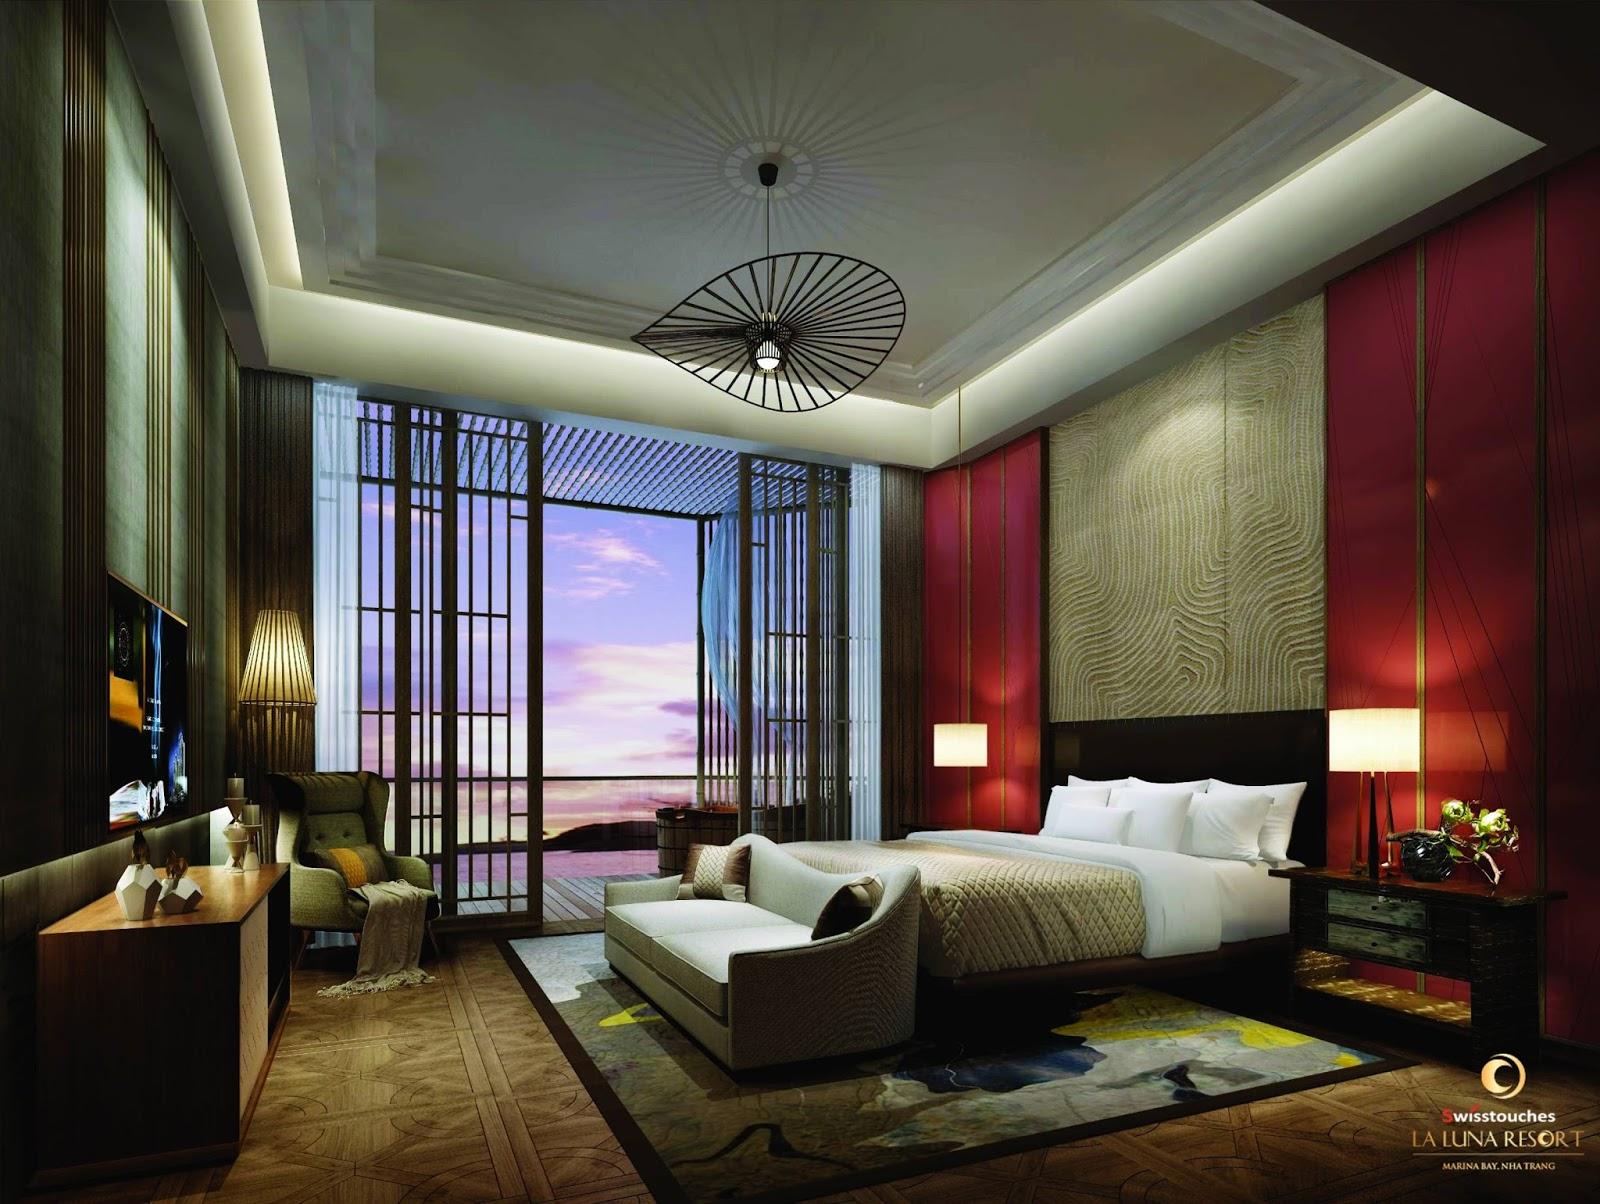 Giá bán căn hộ La Luna Resort Nha Trang